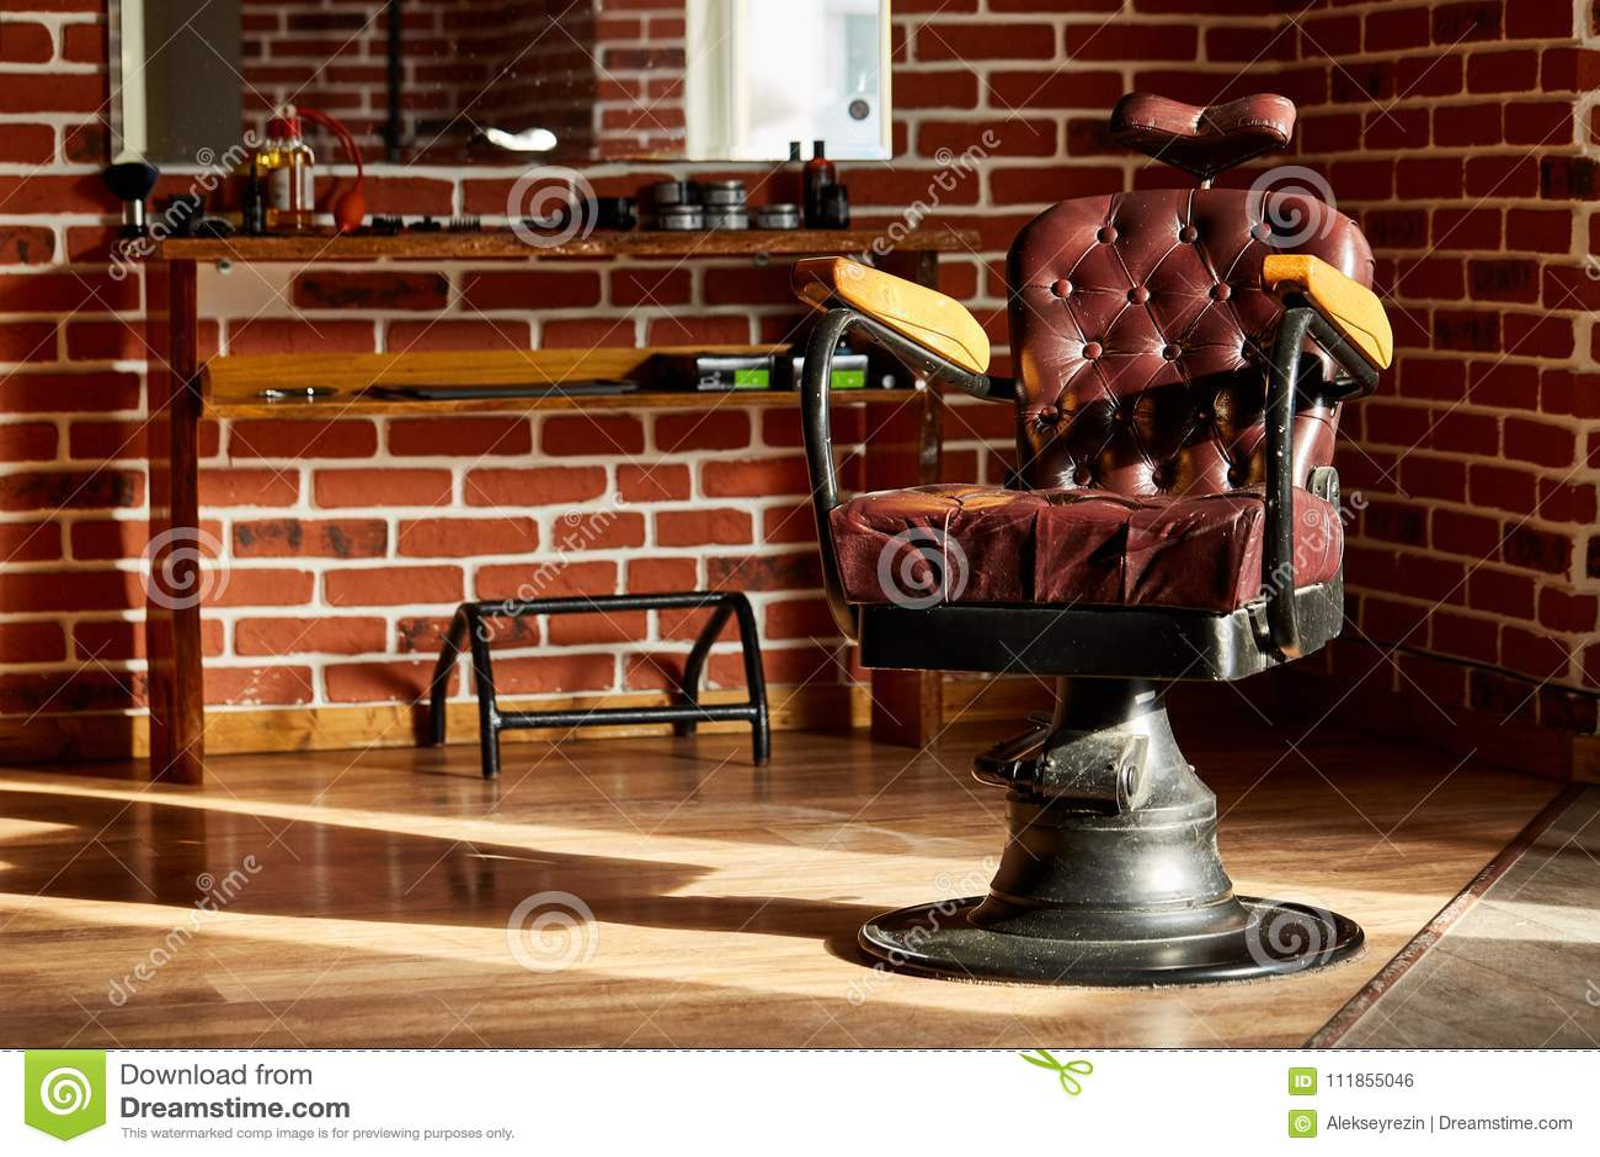 Barbearia retro da cadeira de couro no estilo do vintage Tema do barbeiro